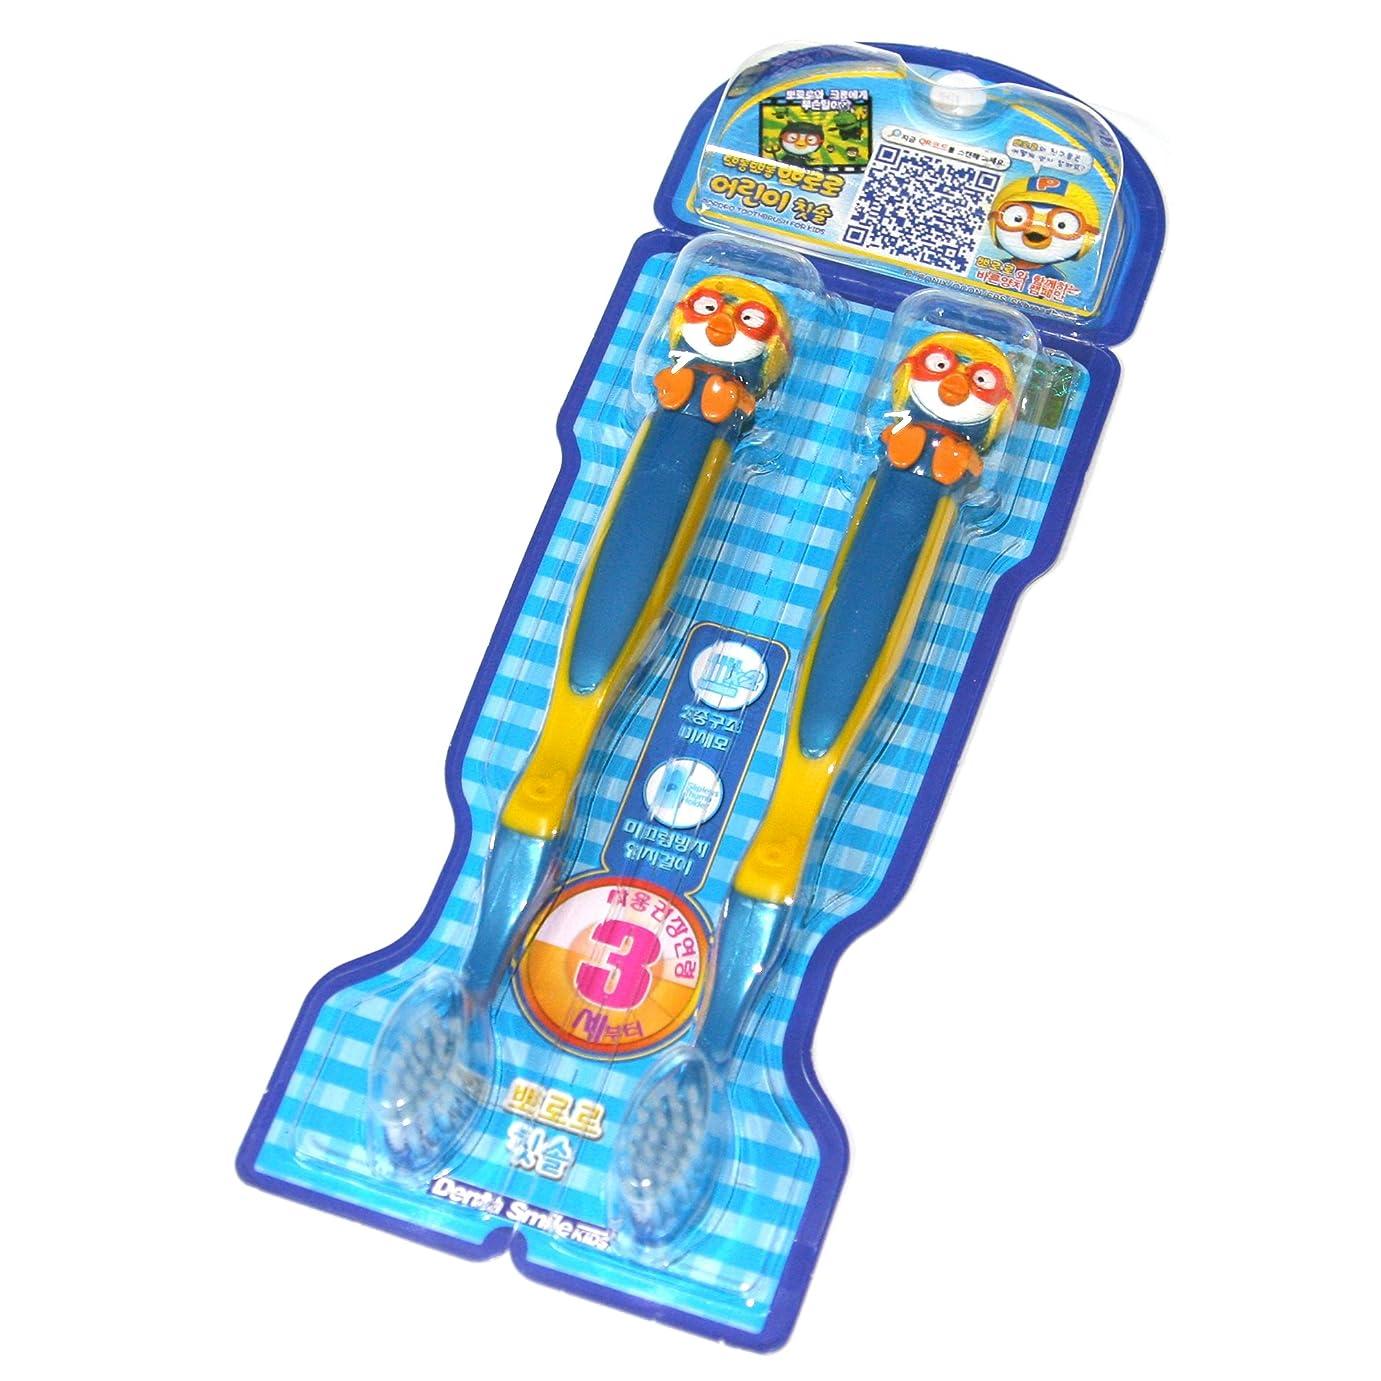 カヌー誓約本質的ではないPORORO Toothbrush For Kids 2ea set (PORORO) ポロロ 子供用 歯ブラシ2ea set (ポロロ ) [並行輸入品]